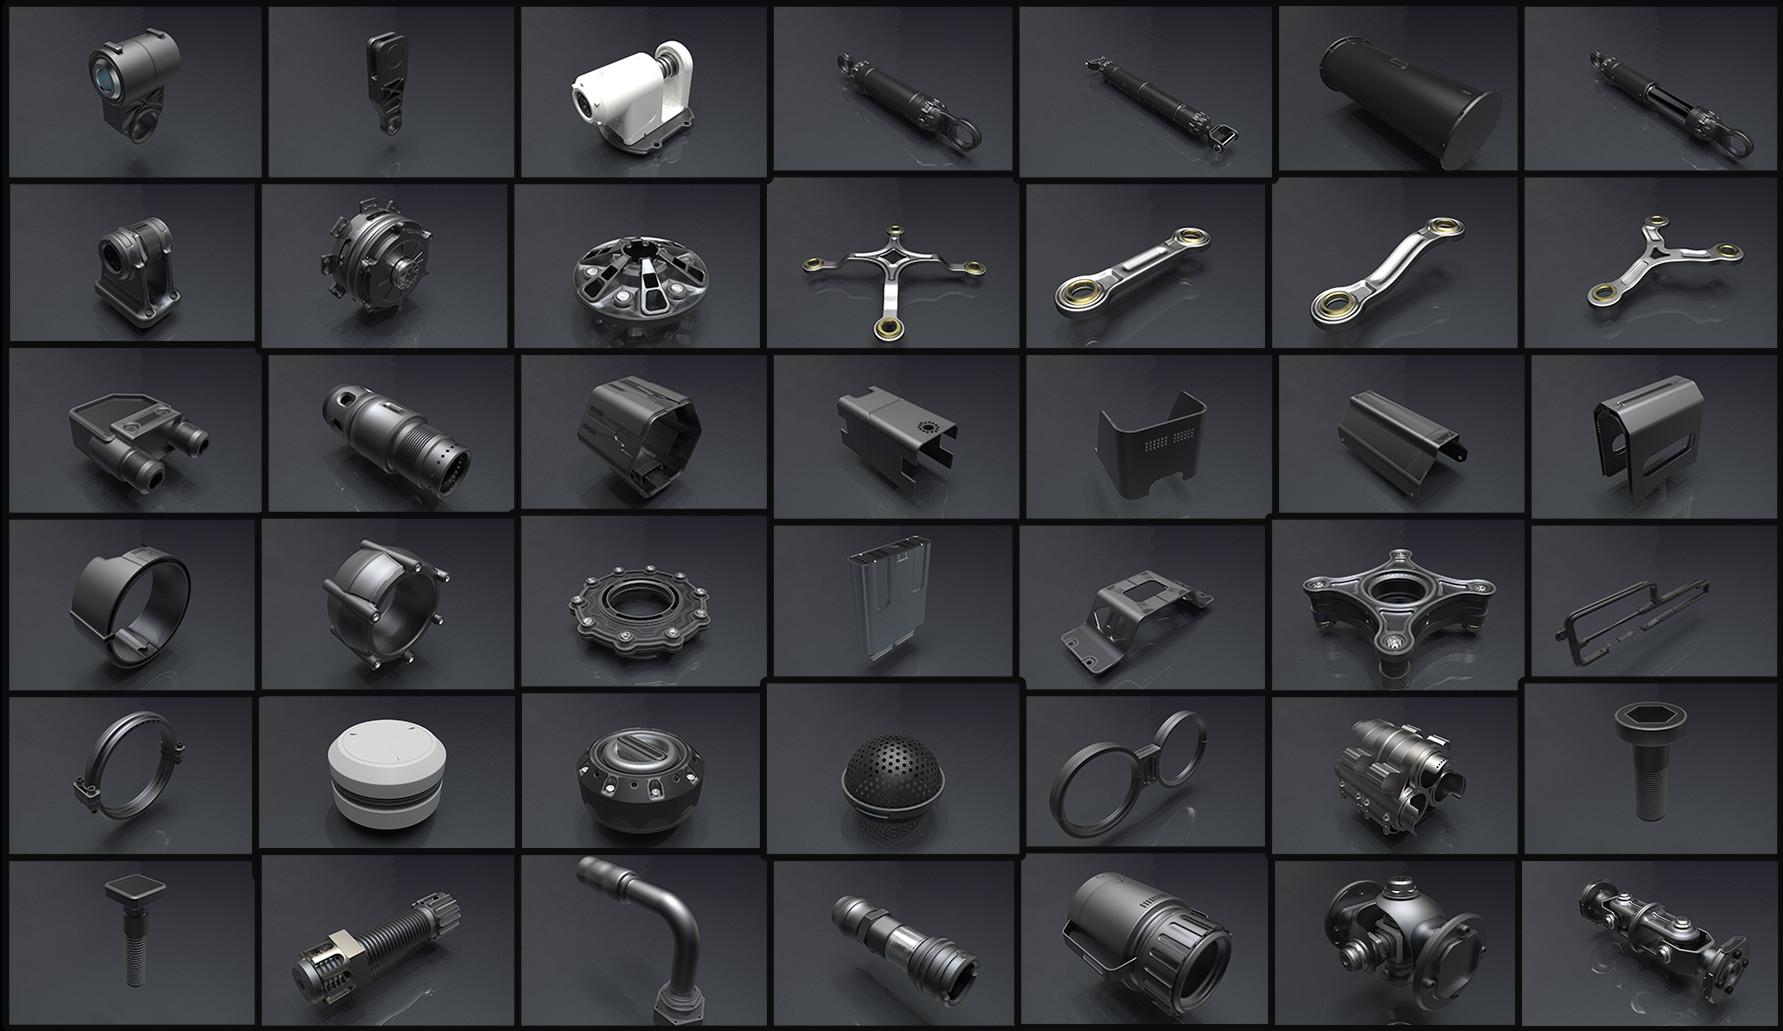 ArtStation - Free sci-fi kitbash set for Fusion 360 - Zbrush